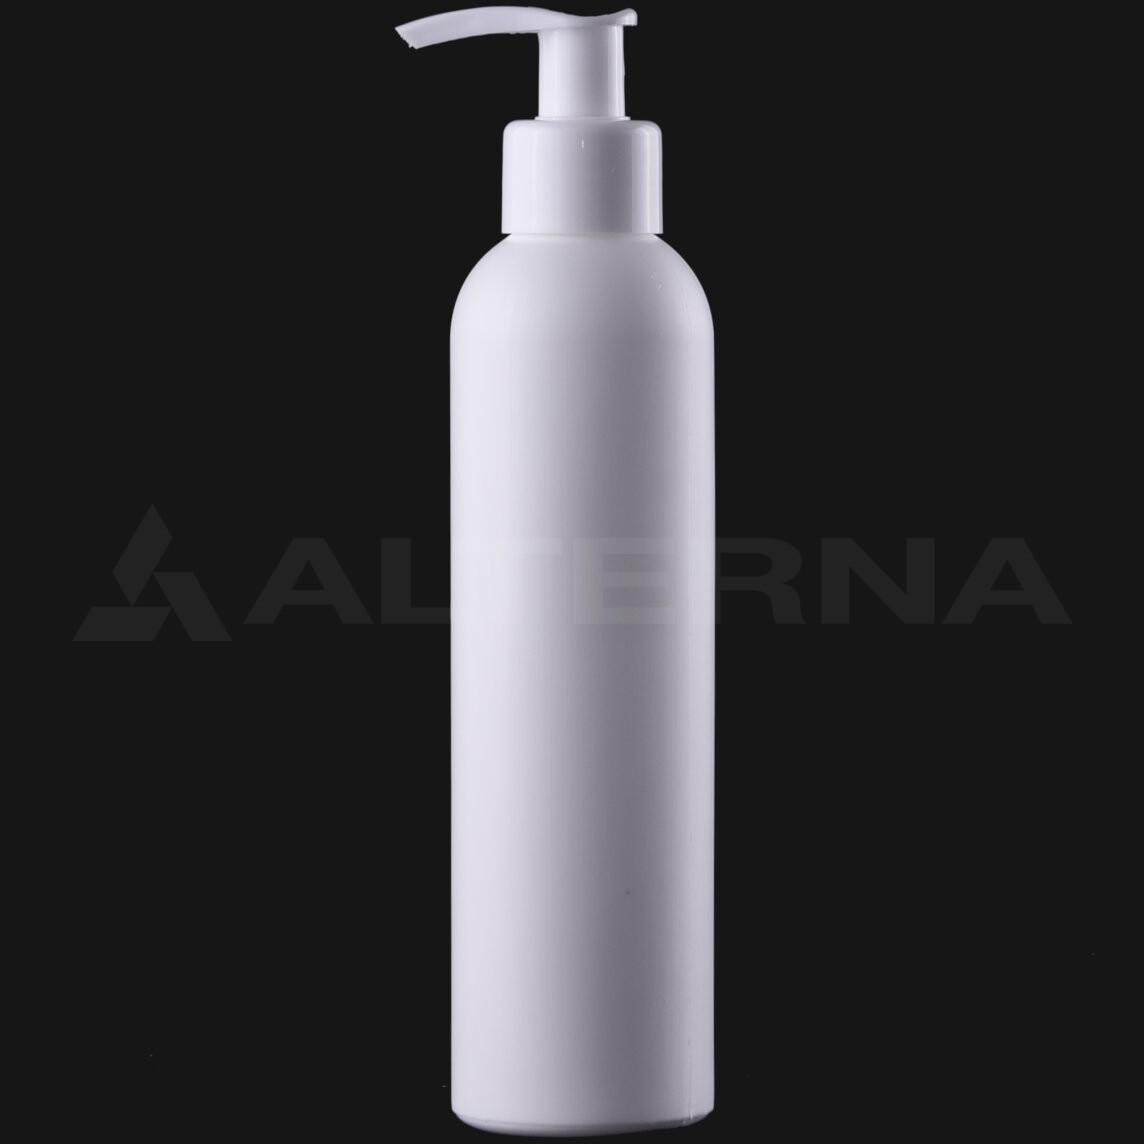 200 ml HDPE Bottle with 24 mm Pump Dispenser